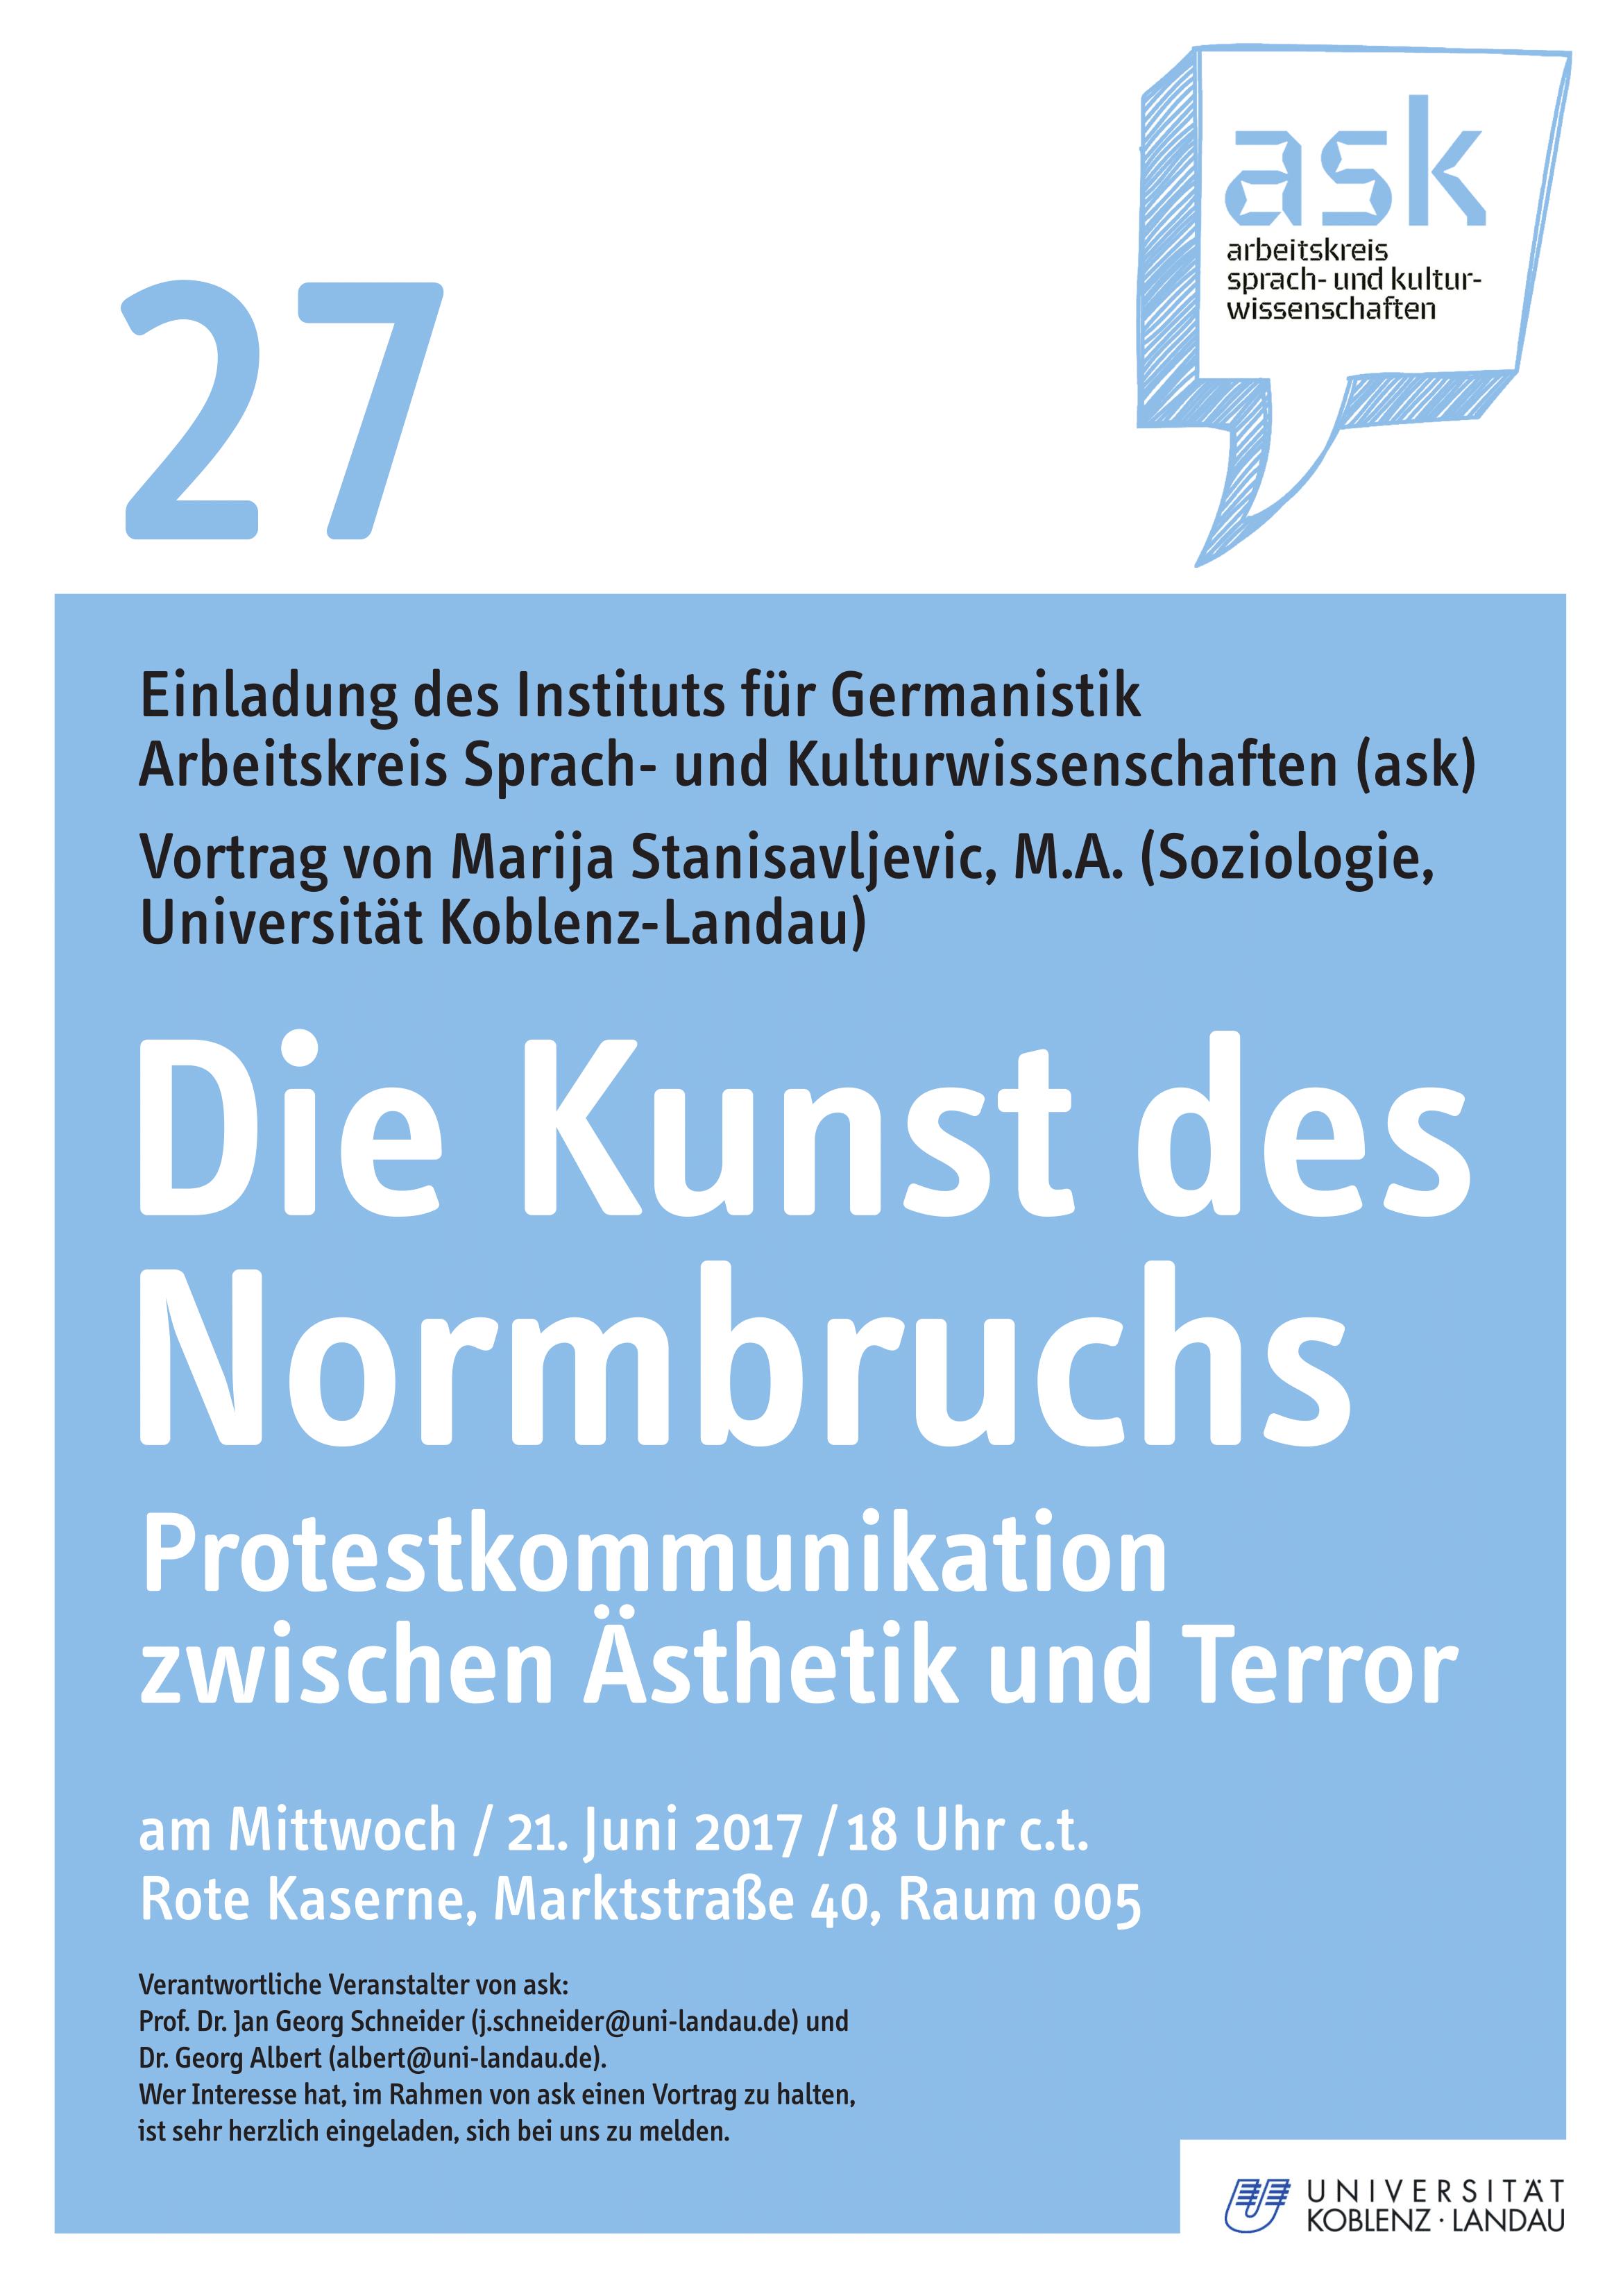 Ask-Vortrag: Marija Stanisavljevic, M.A.: Die Kunst des Normbruchs. Protestkommunikation zwischen Ästhetik und Terror